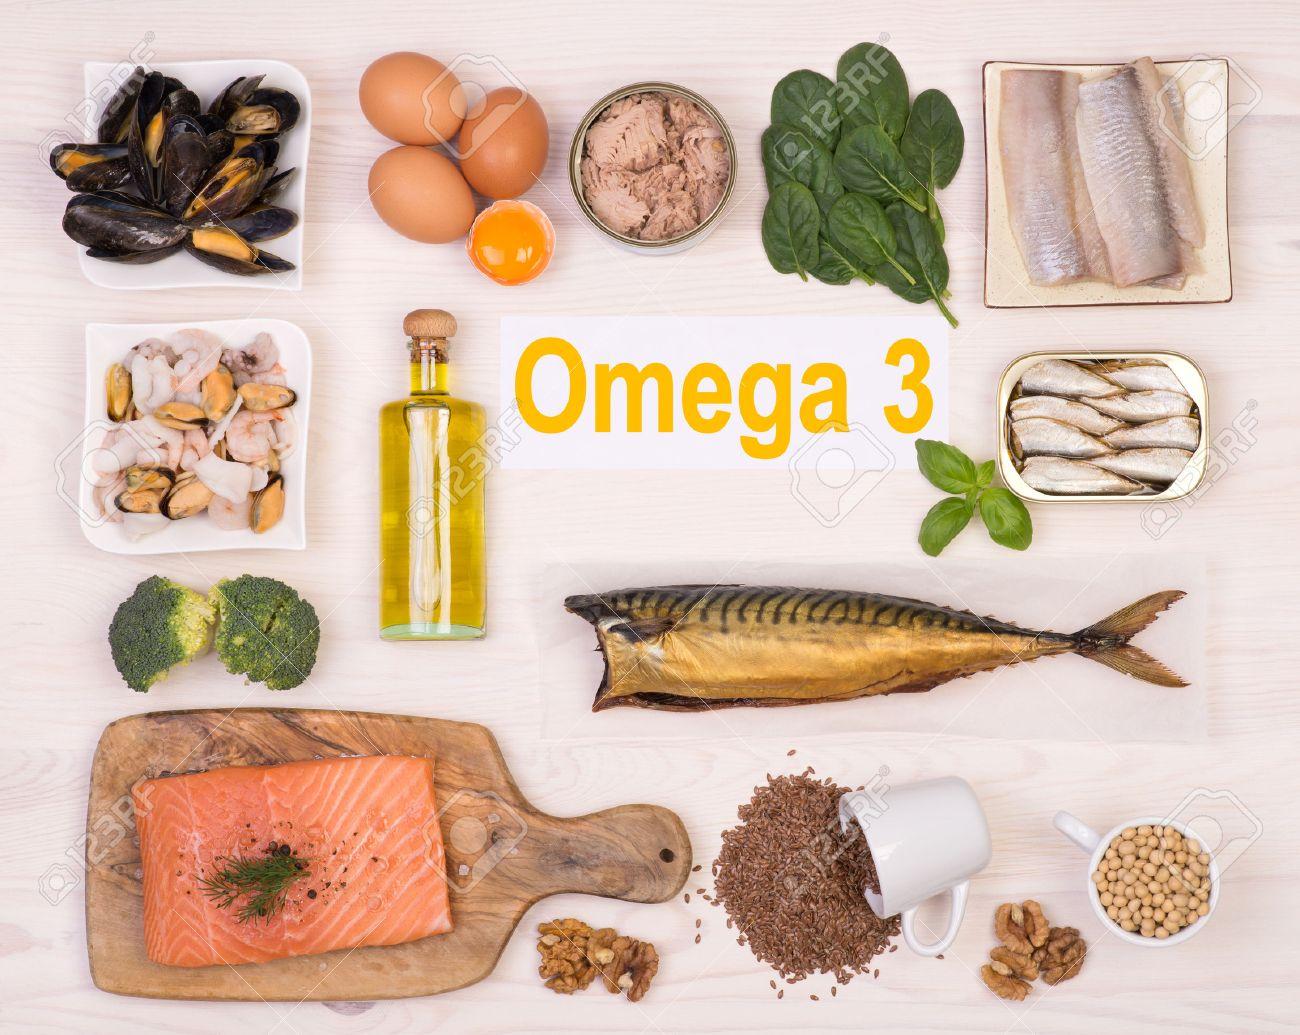 オメガ 3 食品